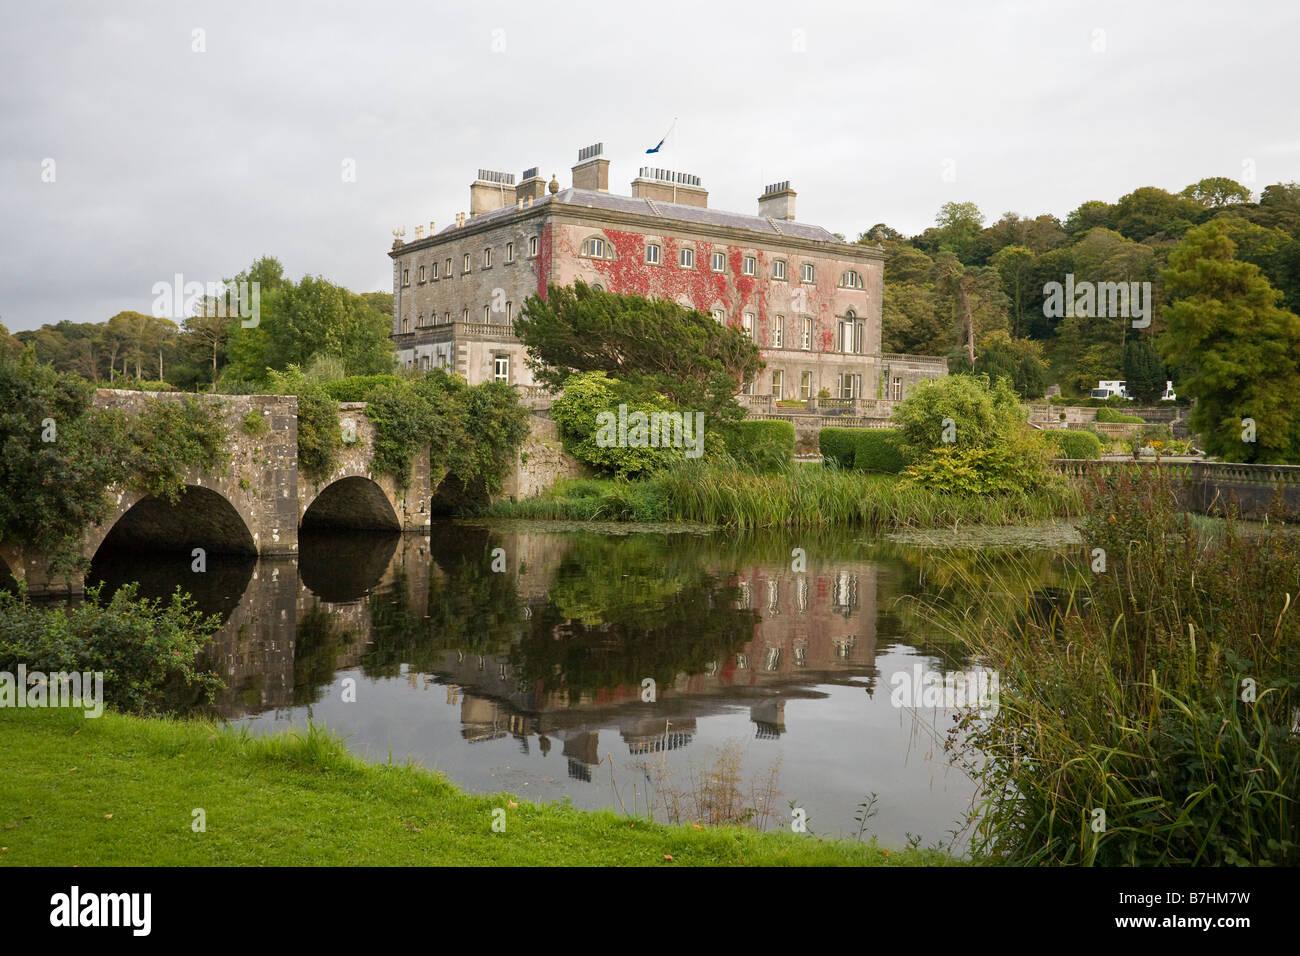 Casa Westport y puente. Un puente arqueado conduce a la mansión roja cubiertos de hiedra que se refleja en Imagen De Stock